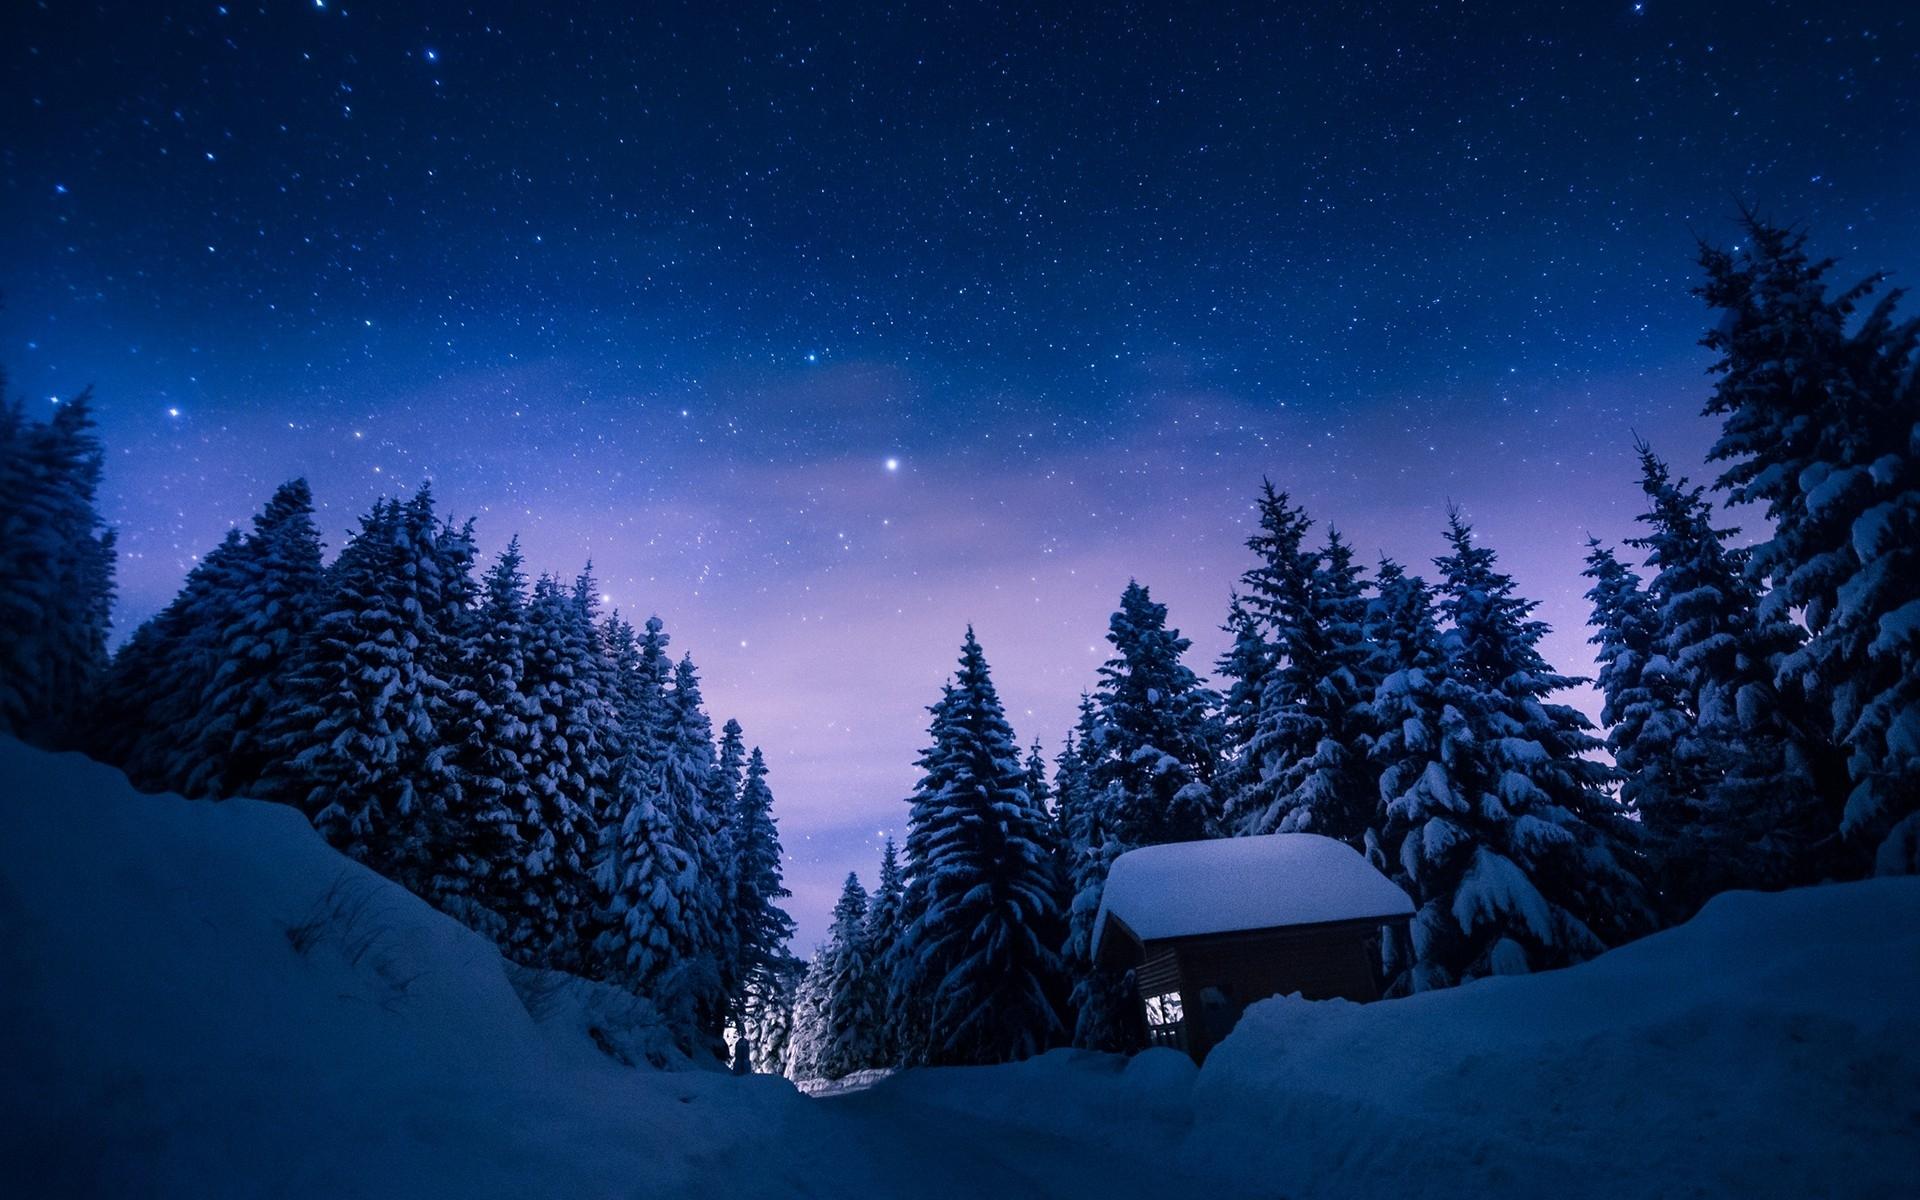 Christmas Lights For House